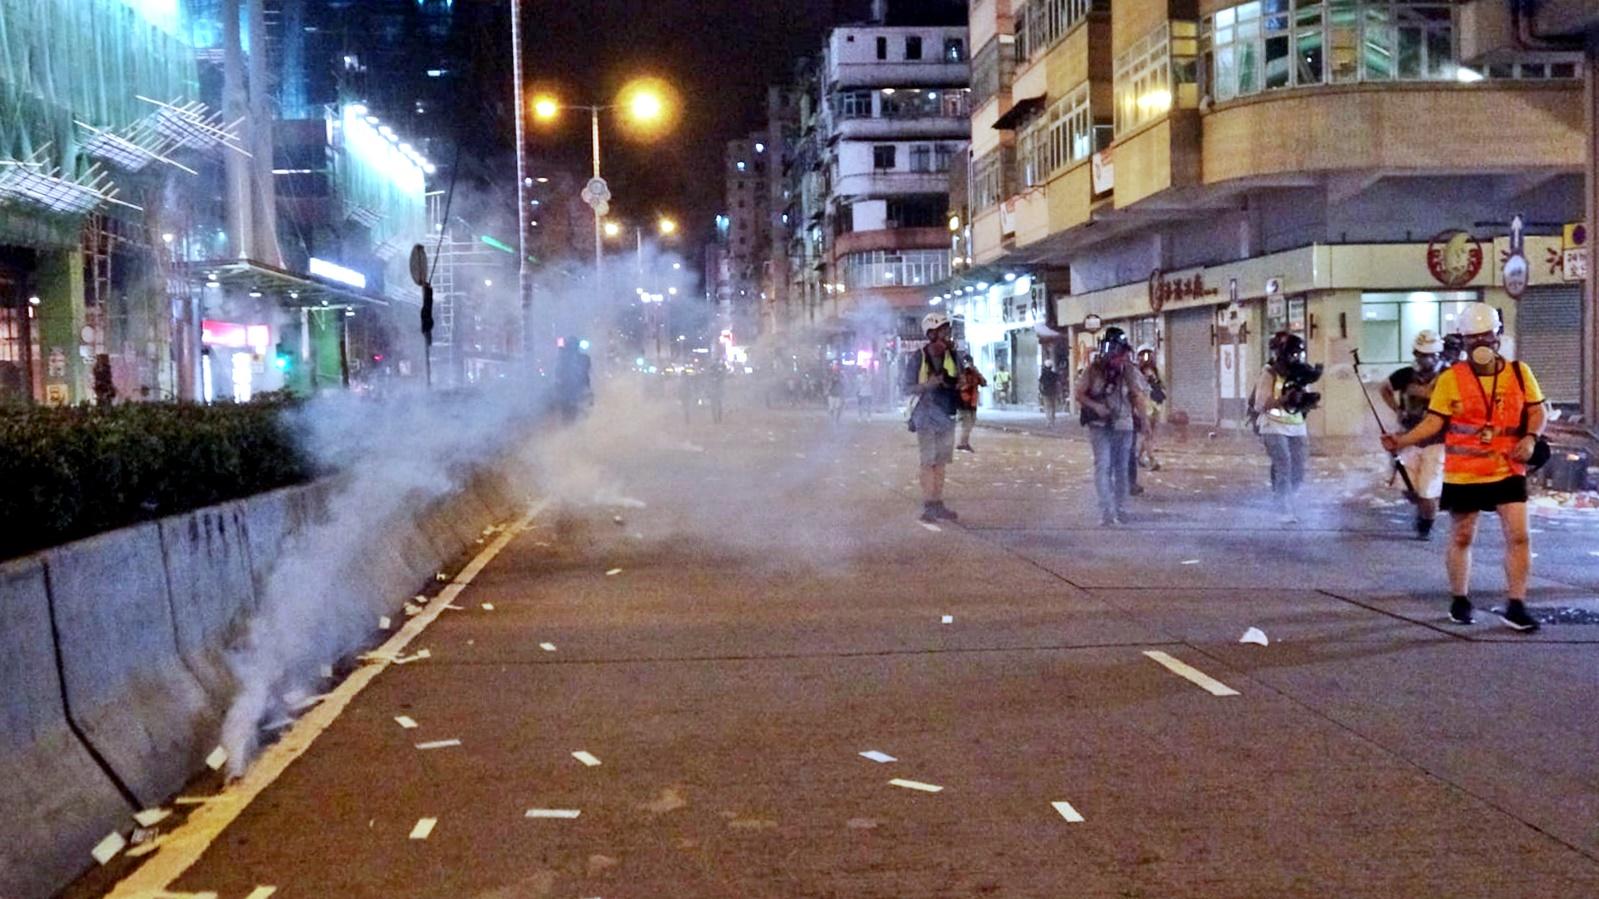 【逃犯條例】深水埗群眾聚集「激光燒衣」 警施放多枚催淚彈